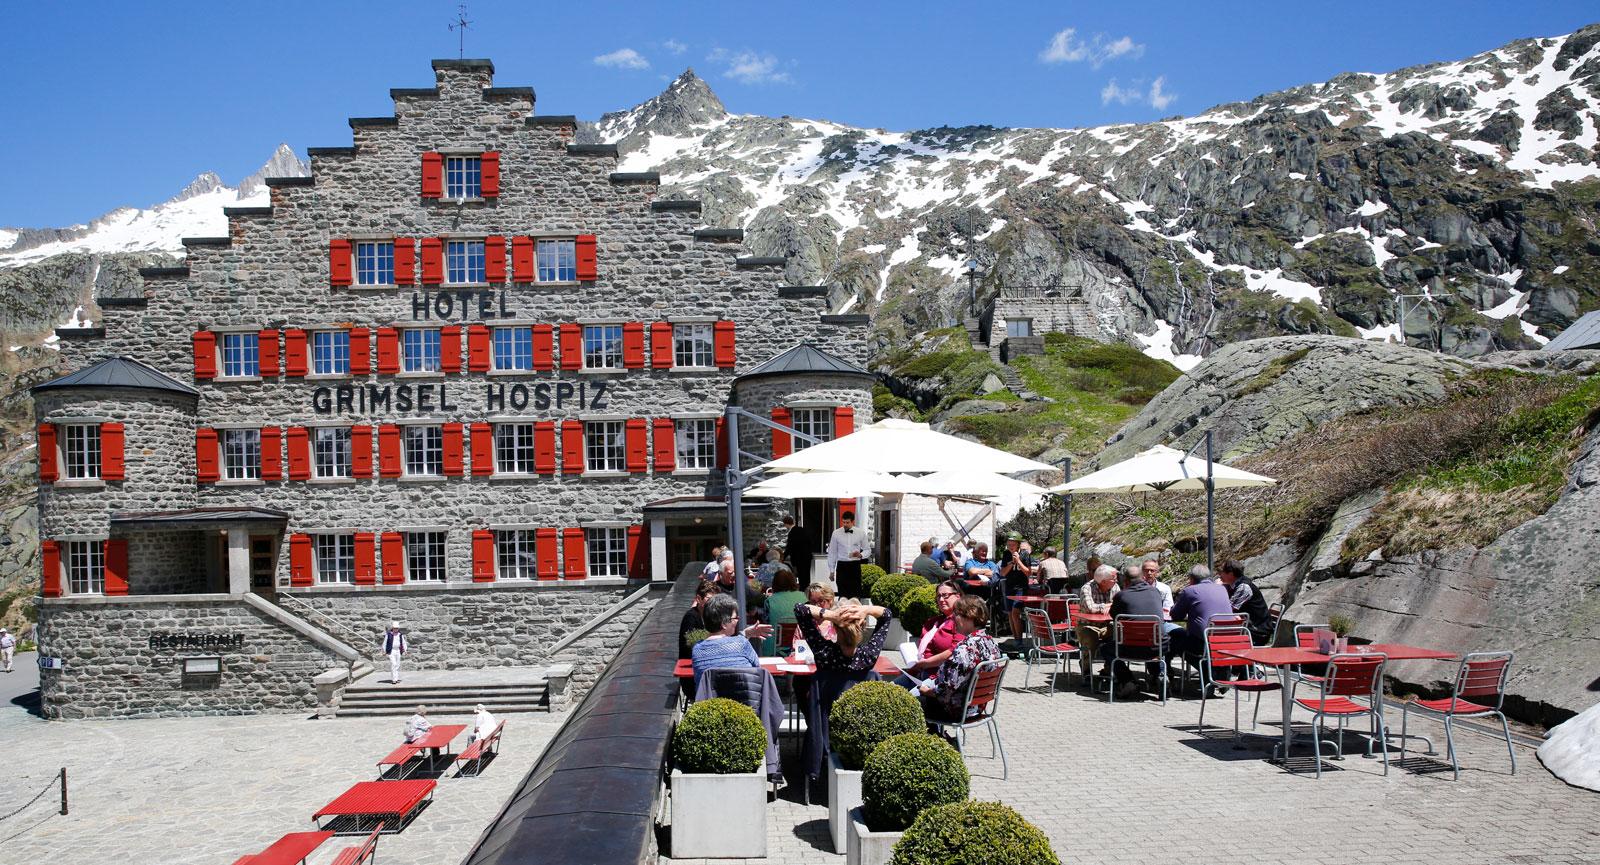 Hotel Grimsel Hospiz ligger vackert med utsikt över Alperna.